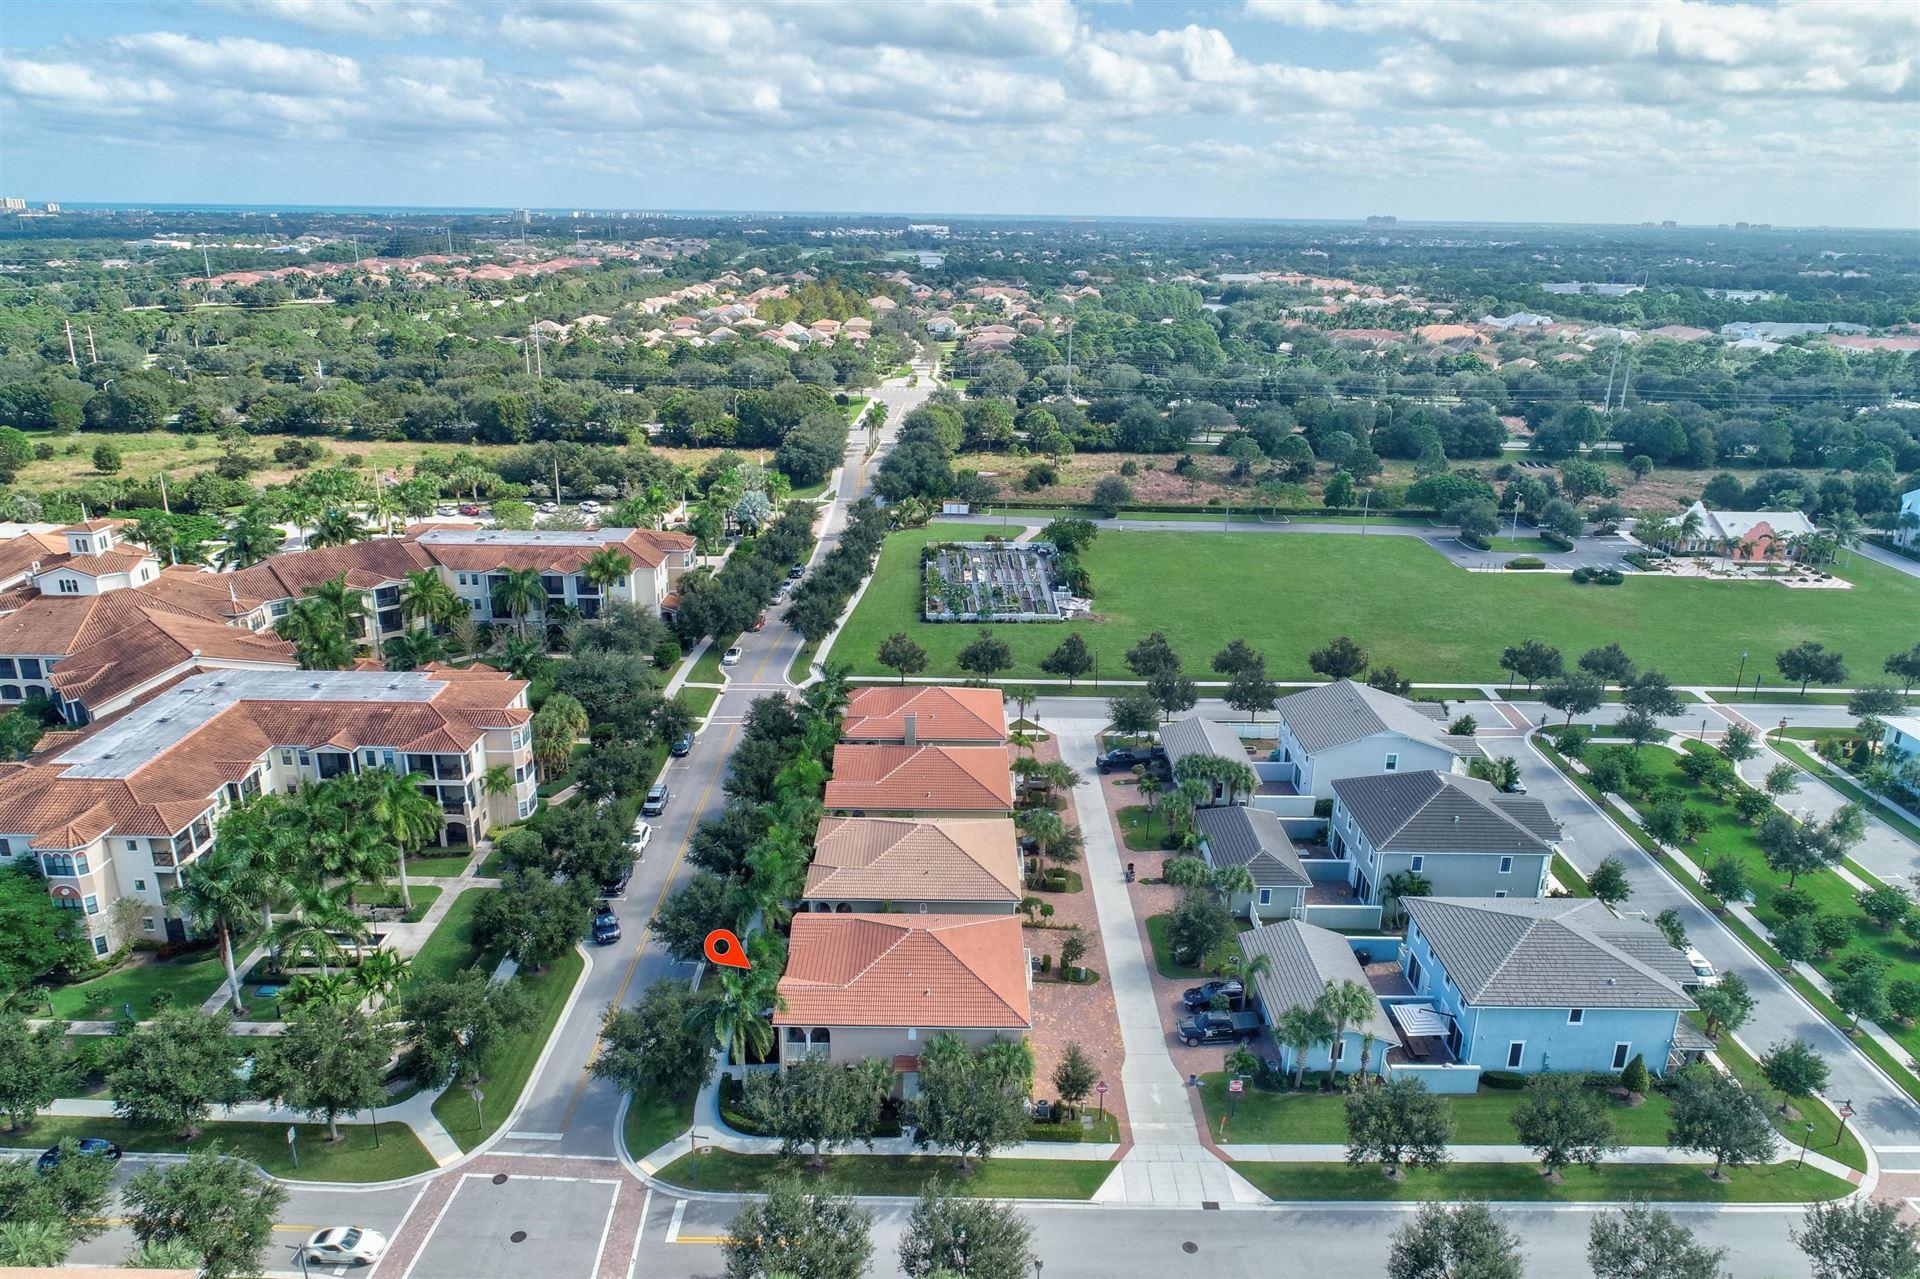 Photo of 1080 S Community Drive, Jupiter, FL 33458 (MLS # RX-10669390)